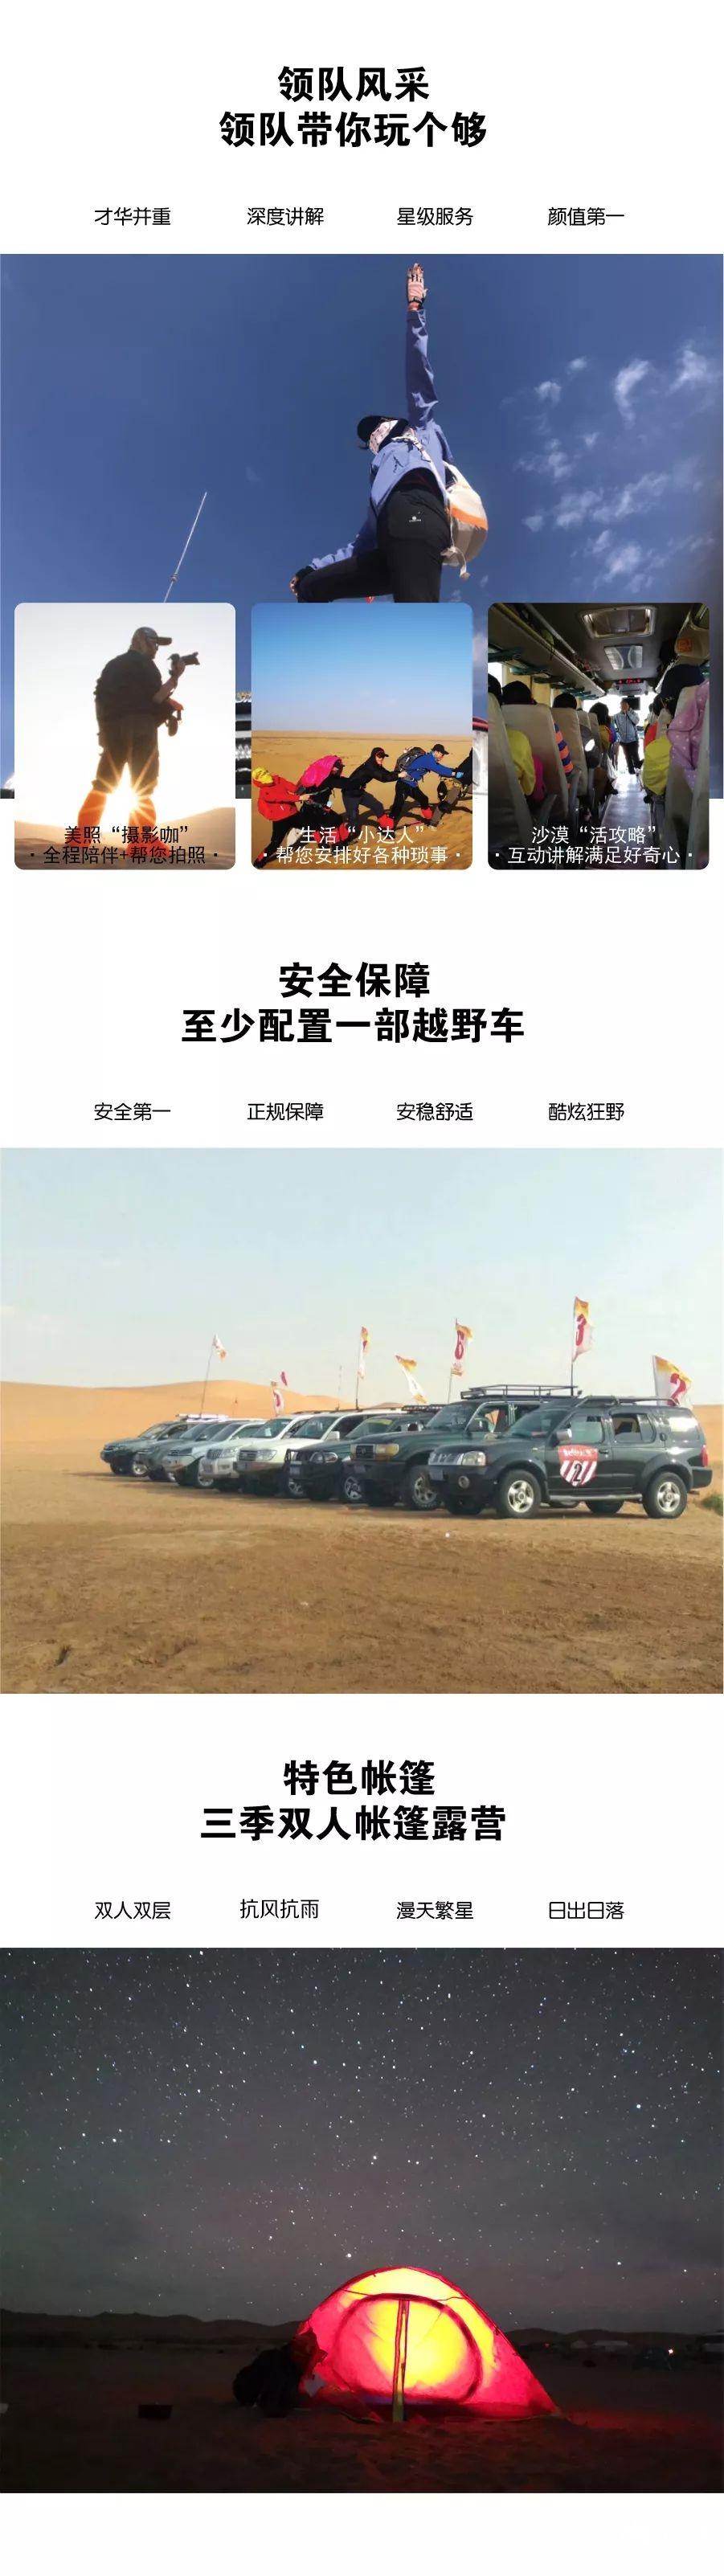 """(11)【2020全年】腾格里沙漠""""五湖连穿""""徒步活动-户外活动图-驼铃网"""